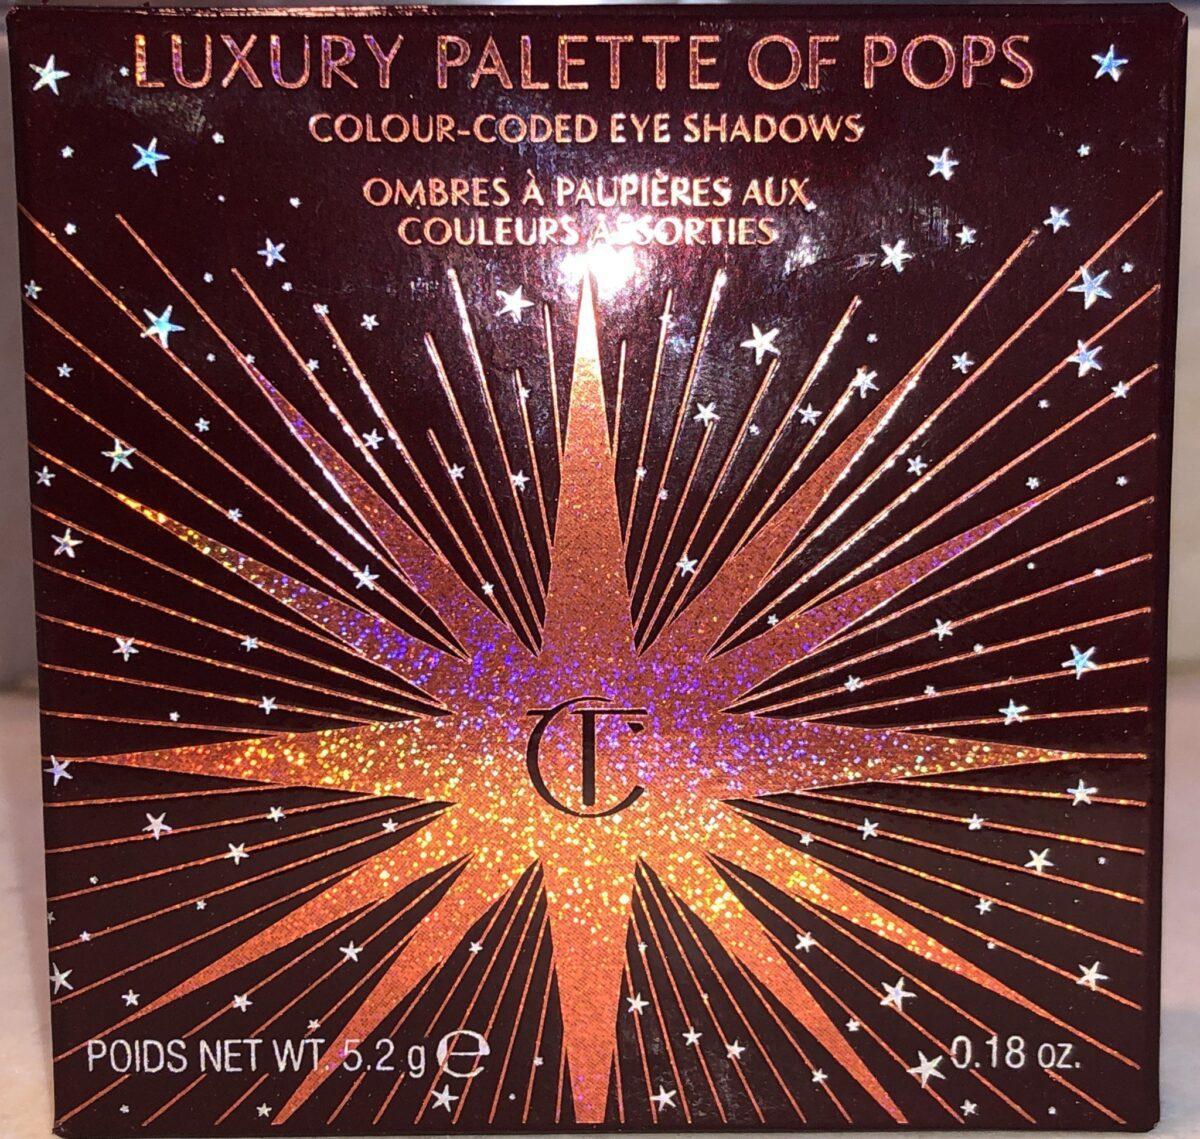 CHARLOTTE TILBURY CELESTIAL POPS PALETTE PACKAGING